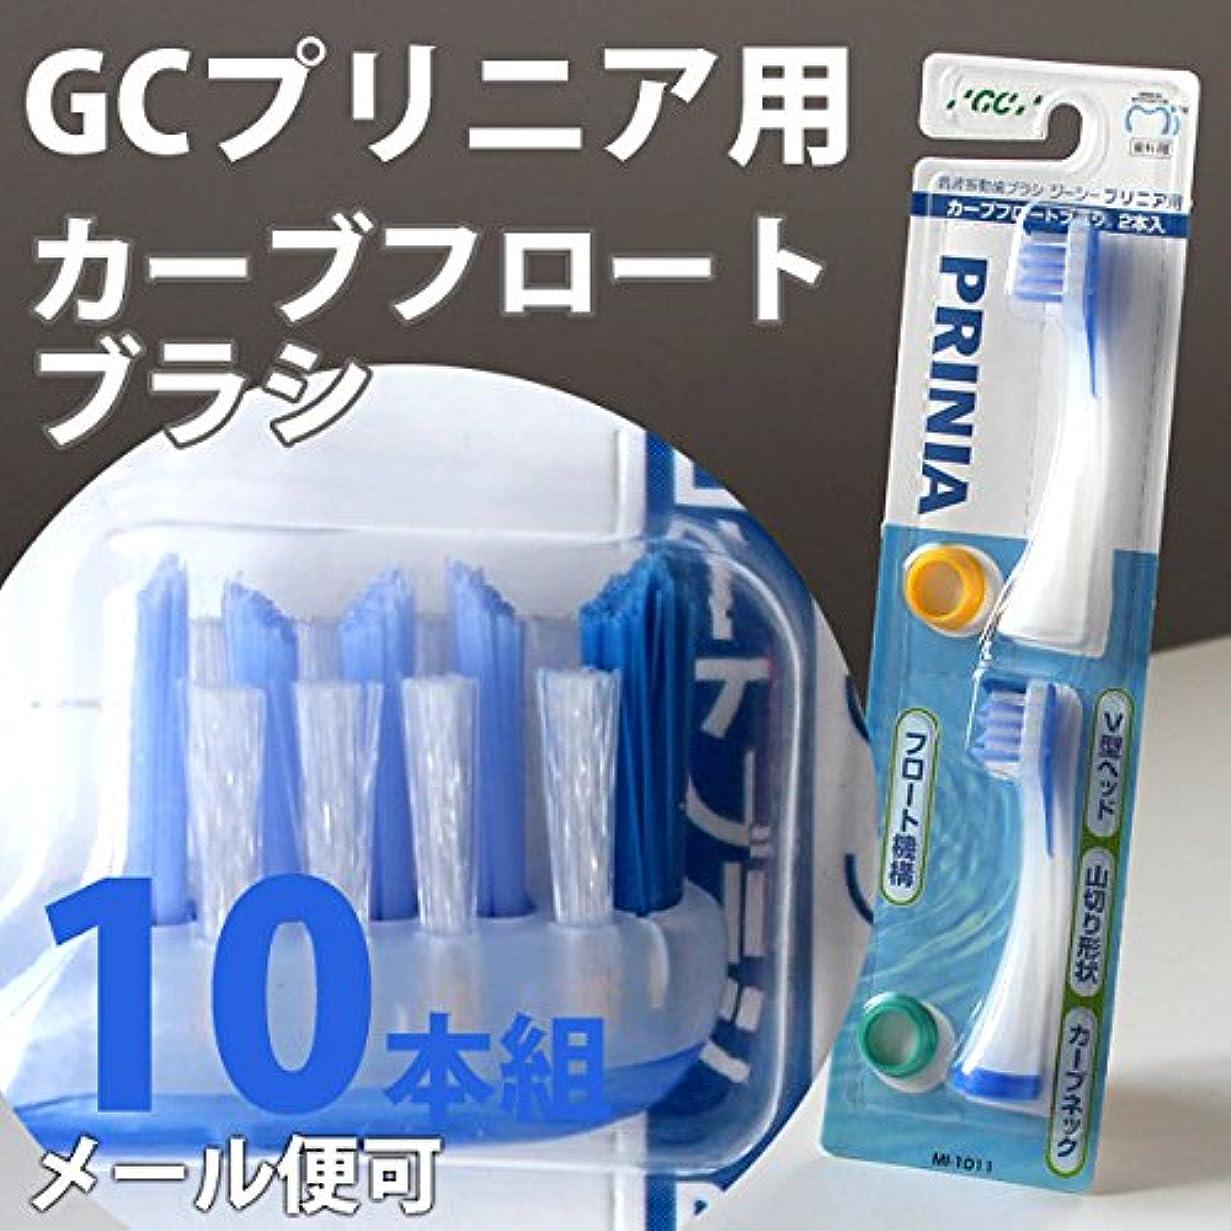 吸う蒸発株式プリニア GC 音波振動 歯ブラシ プリニアスリム替えブラシ カーブフロートブラシ 5セット (10本) ブルー